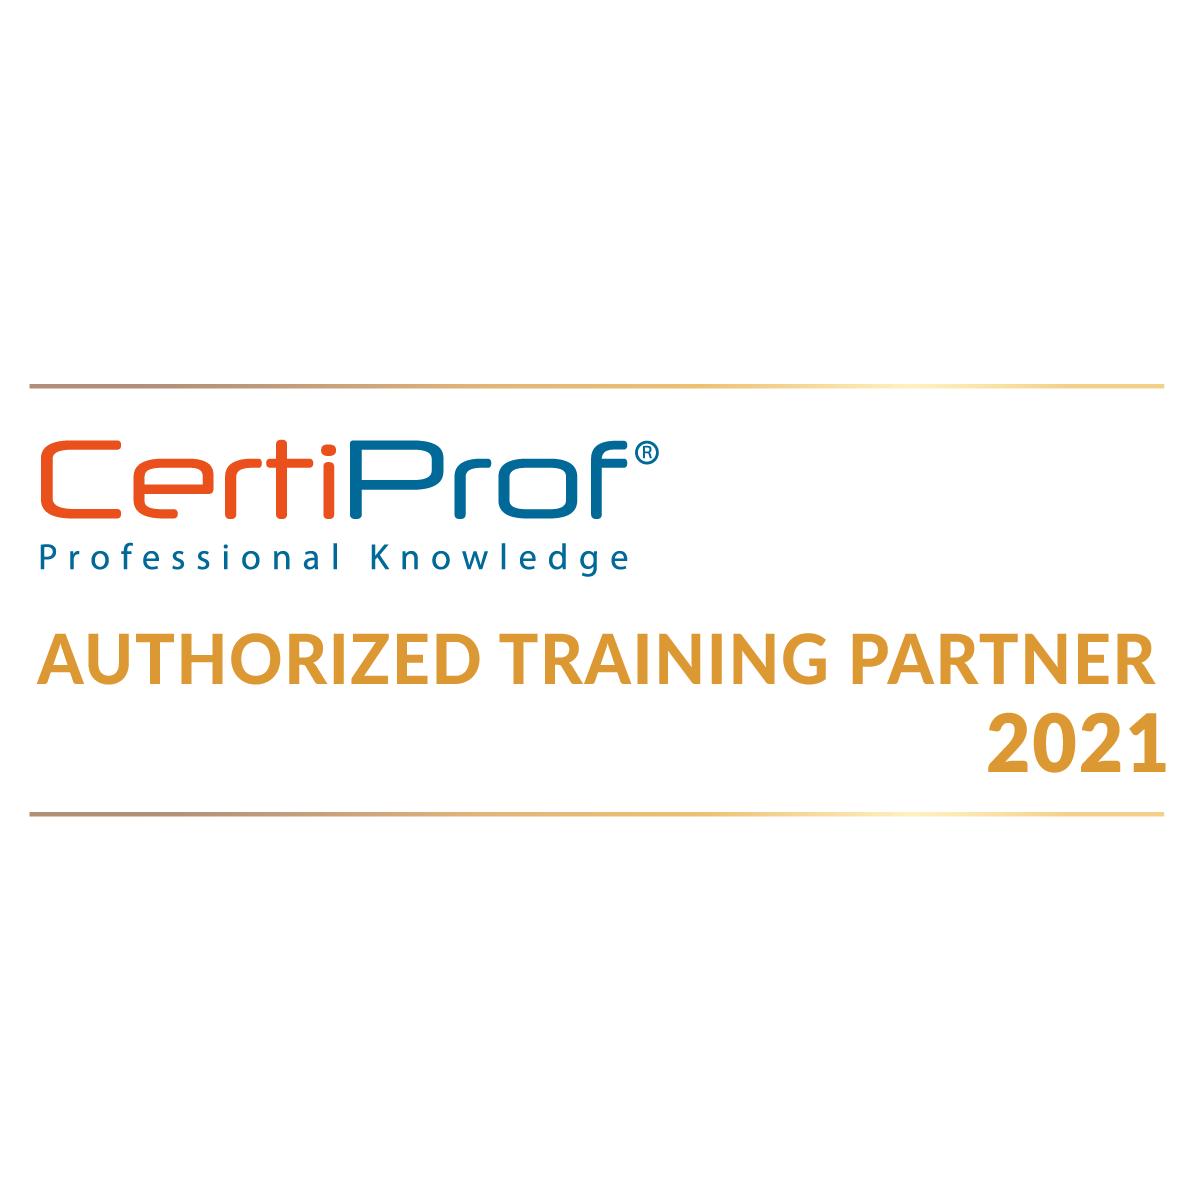 Authorized Training Partner 2021